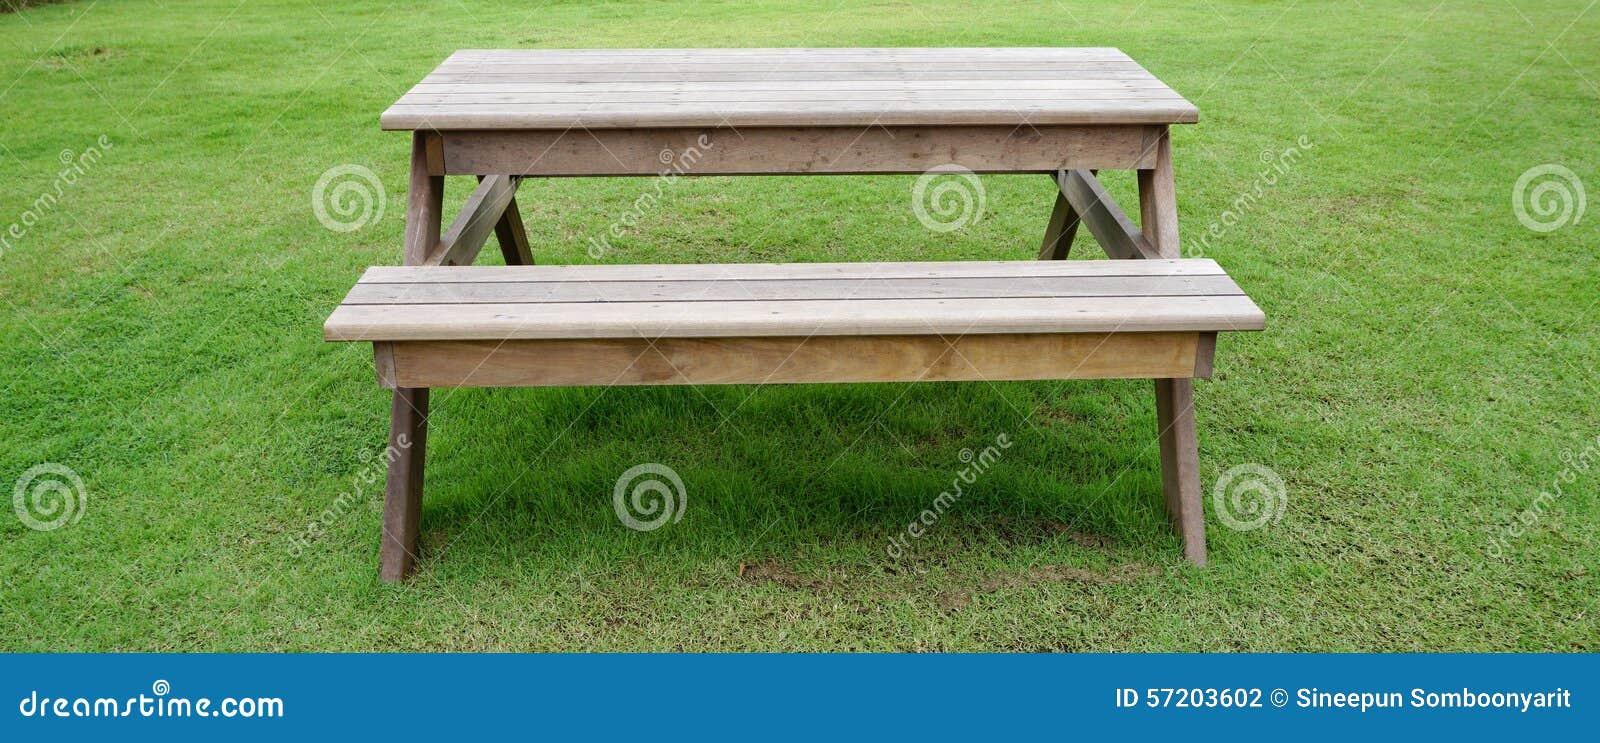 Table De Jardin De Bois De Construction Sur Le Verre Vert ...